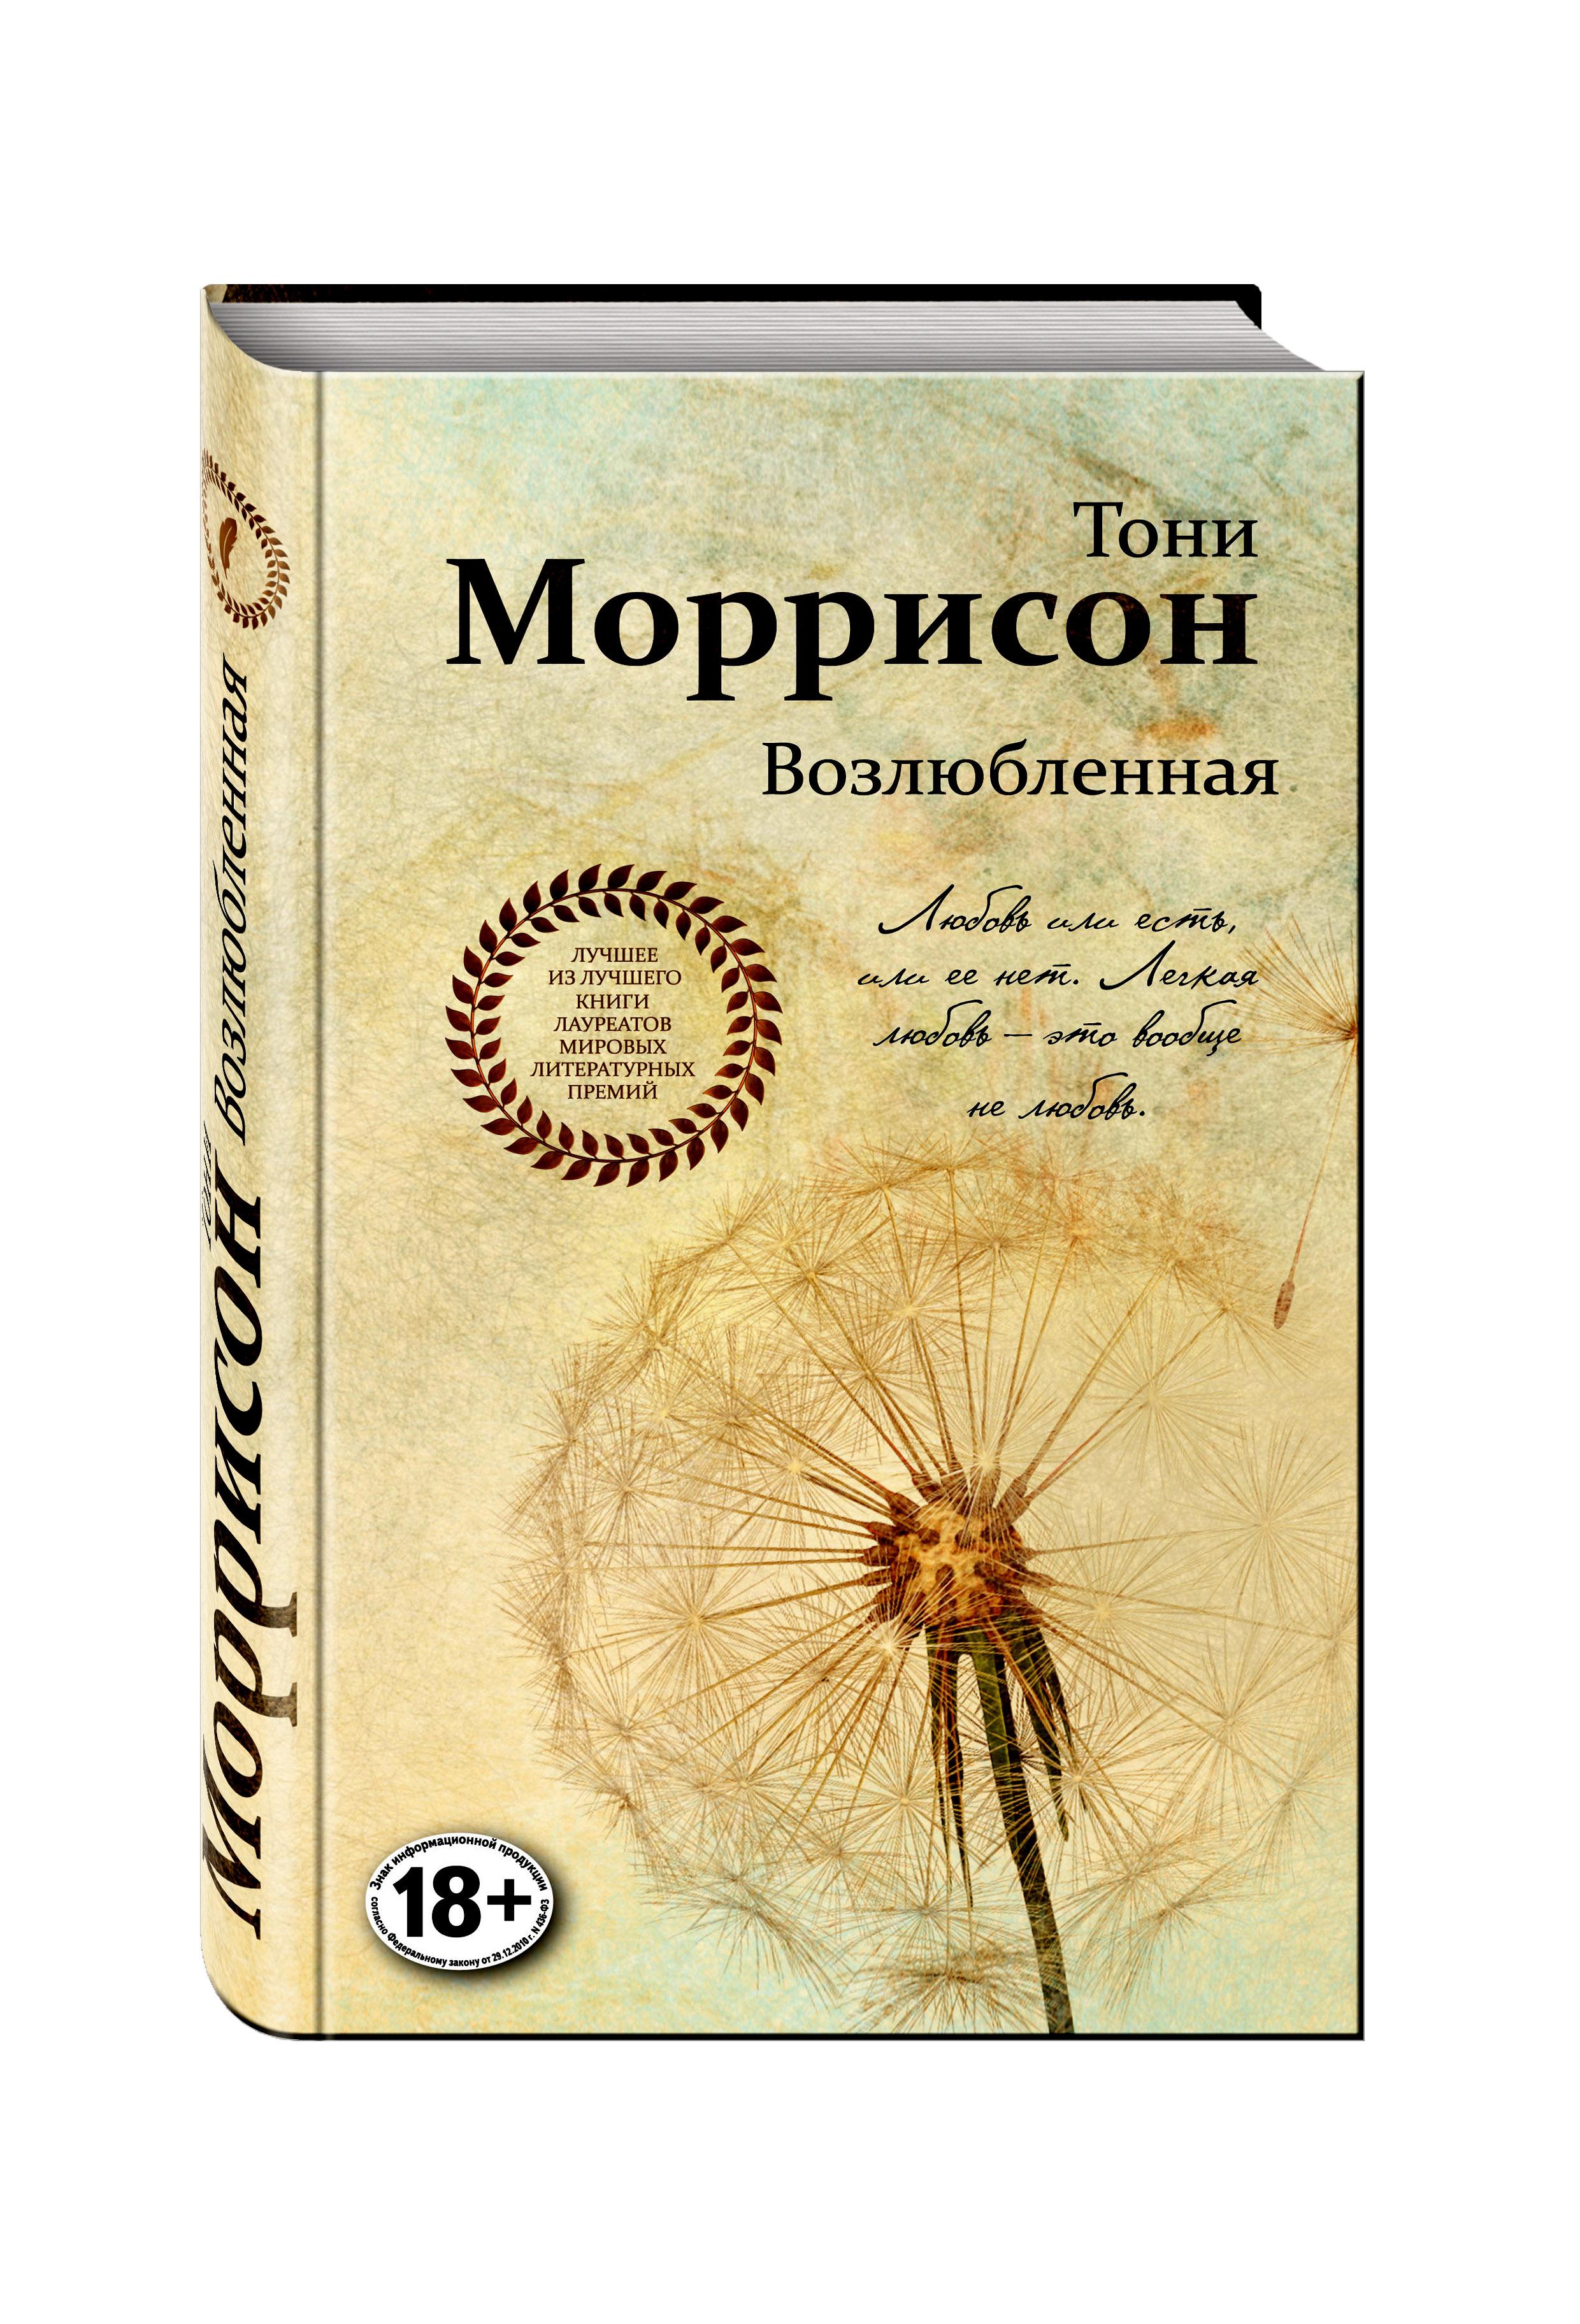 Моррисон Т. Возлюбленная стивенс с возлюбленная магараджи роман